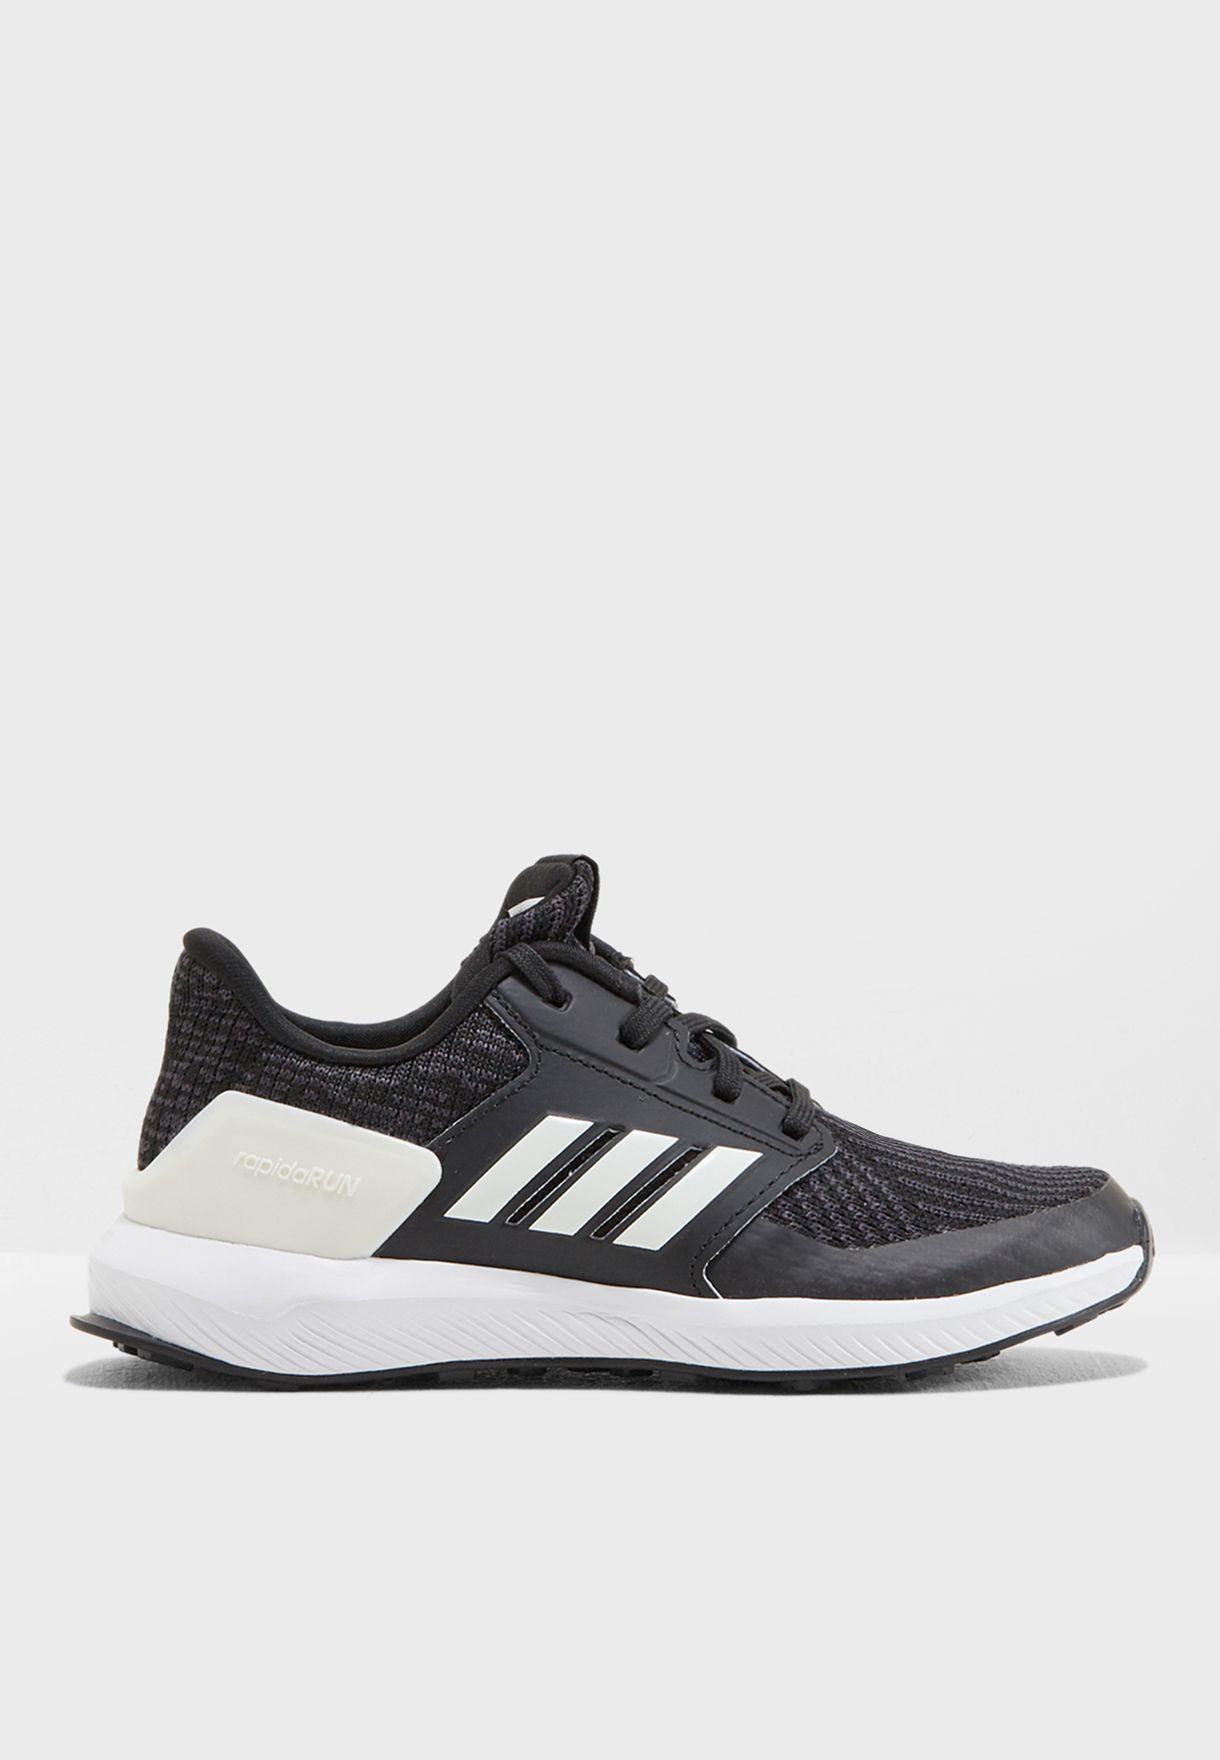 226617964 تسوق حذاء رابيد رن محبوك للاطفال ماركة اديداس لون أسود AH2608 في ...